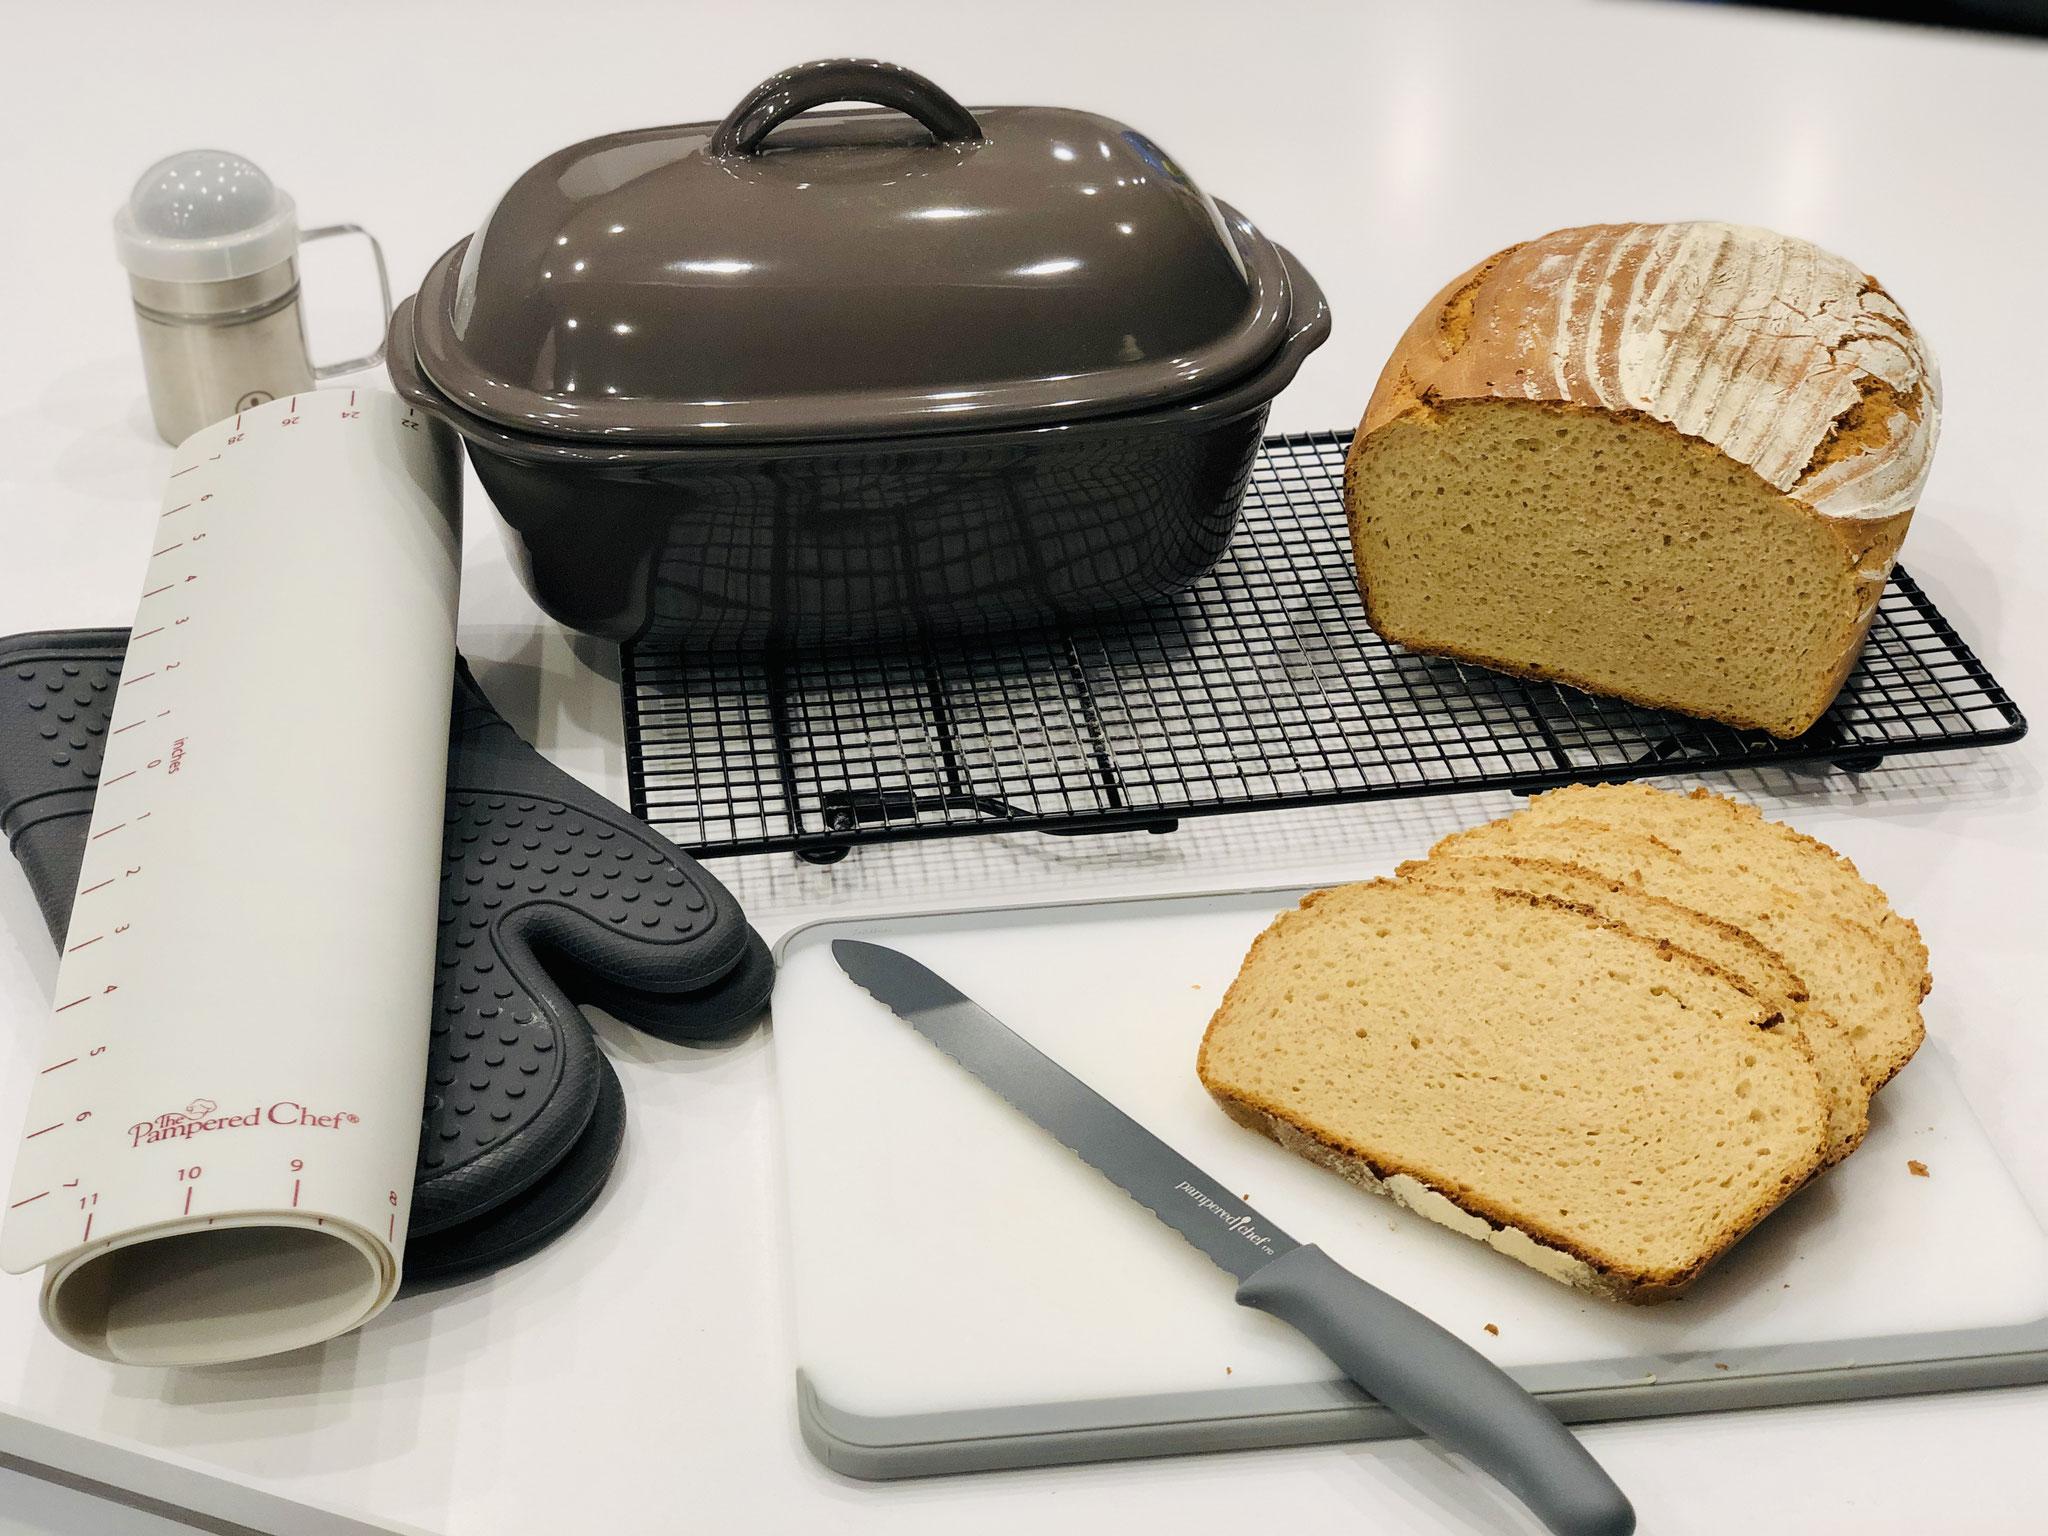 Hier siehst du den Anschnitt vom Brot. Mit dem Brotmesser grau von Pampered Chef, kannst du ganz leicht Brotscheiben schneiden...